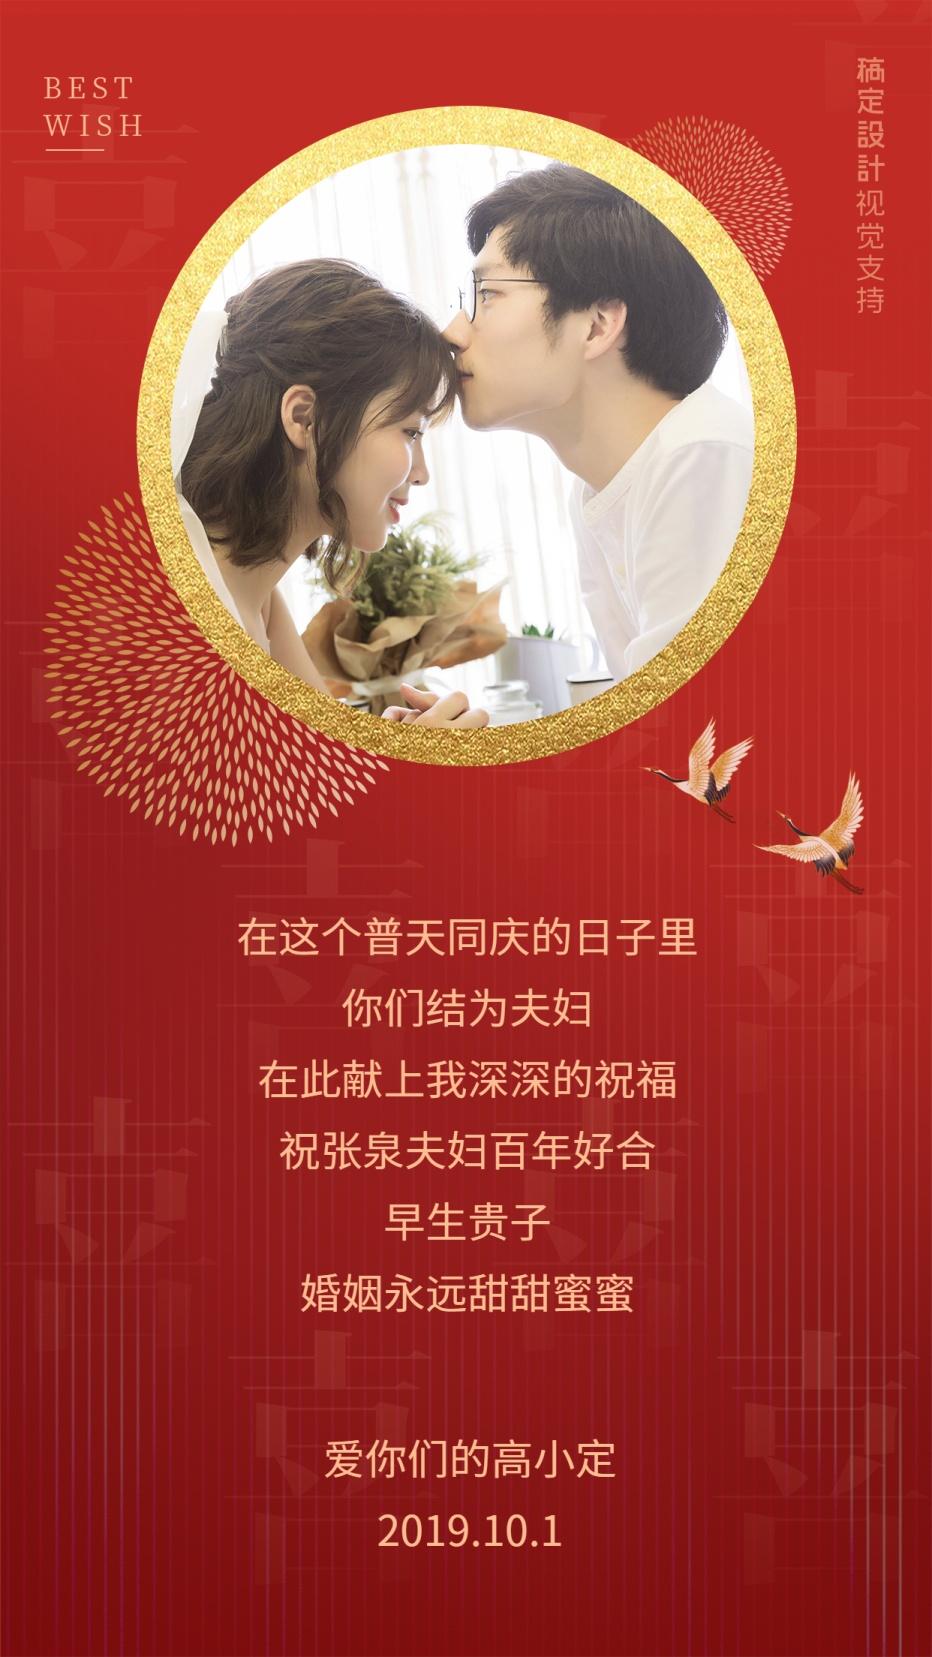 国庆结婚送新人祝福古风贺卡